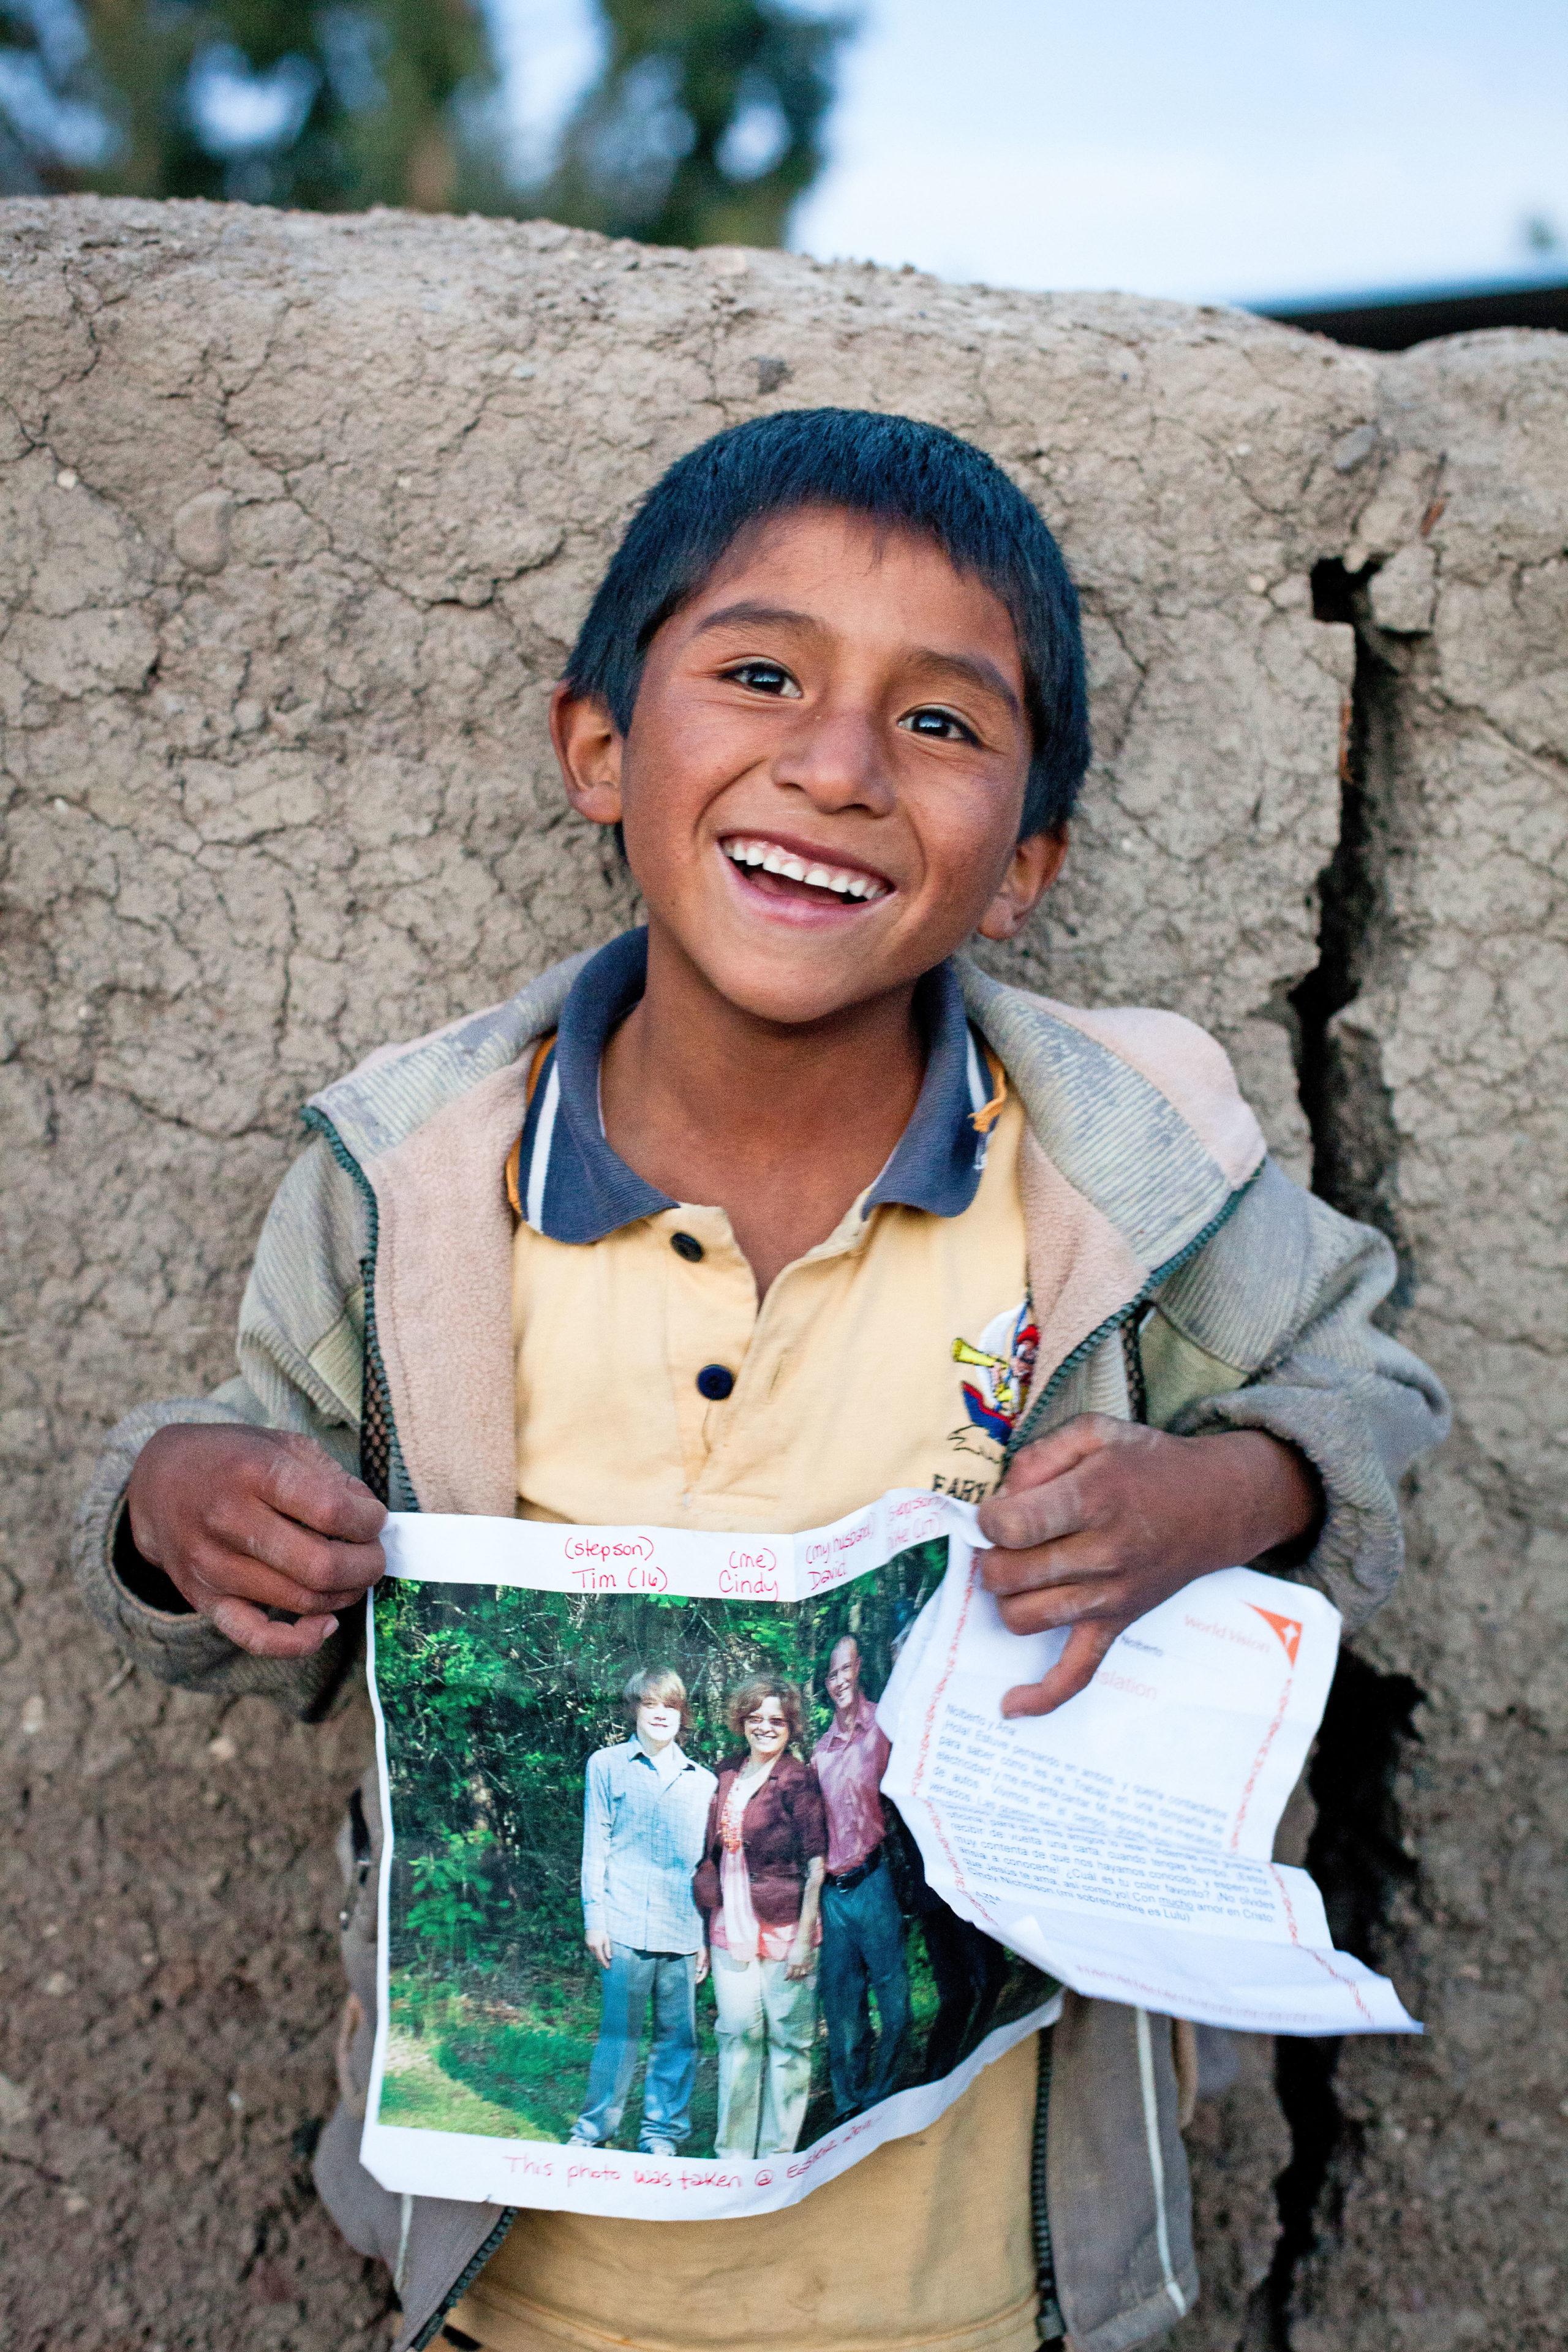 Durch die Patenschaft verändert sich das Leben des Kindes nachhaltig - und das für nur einen Euro am Tag.